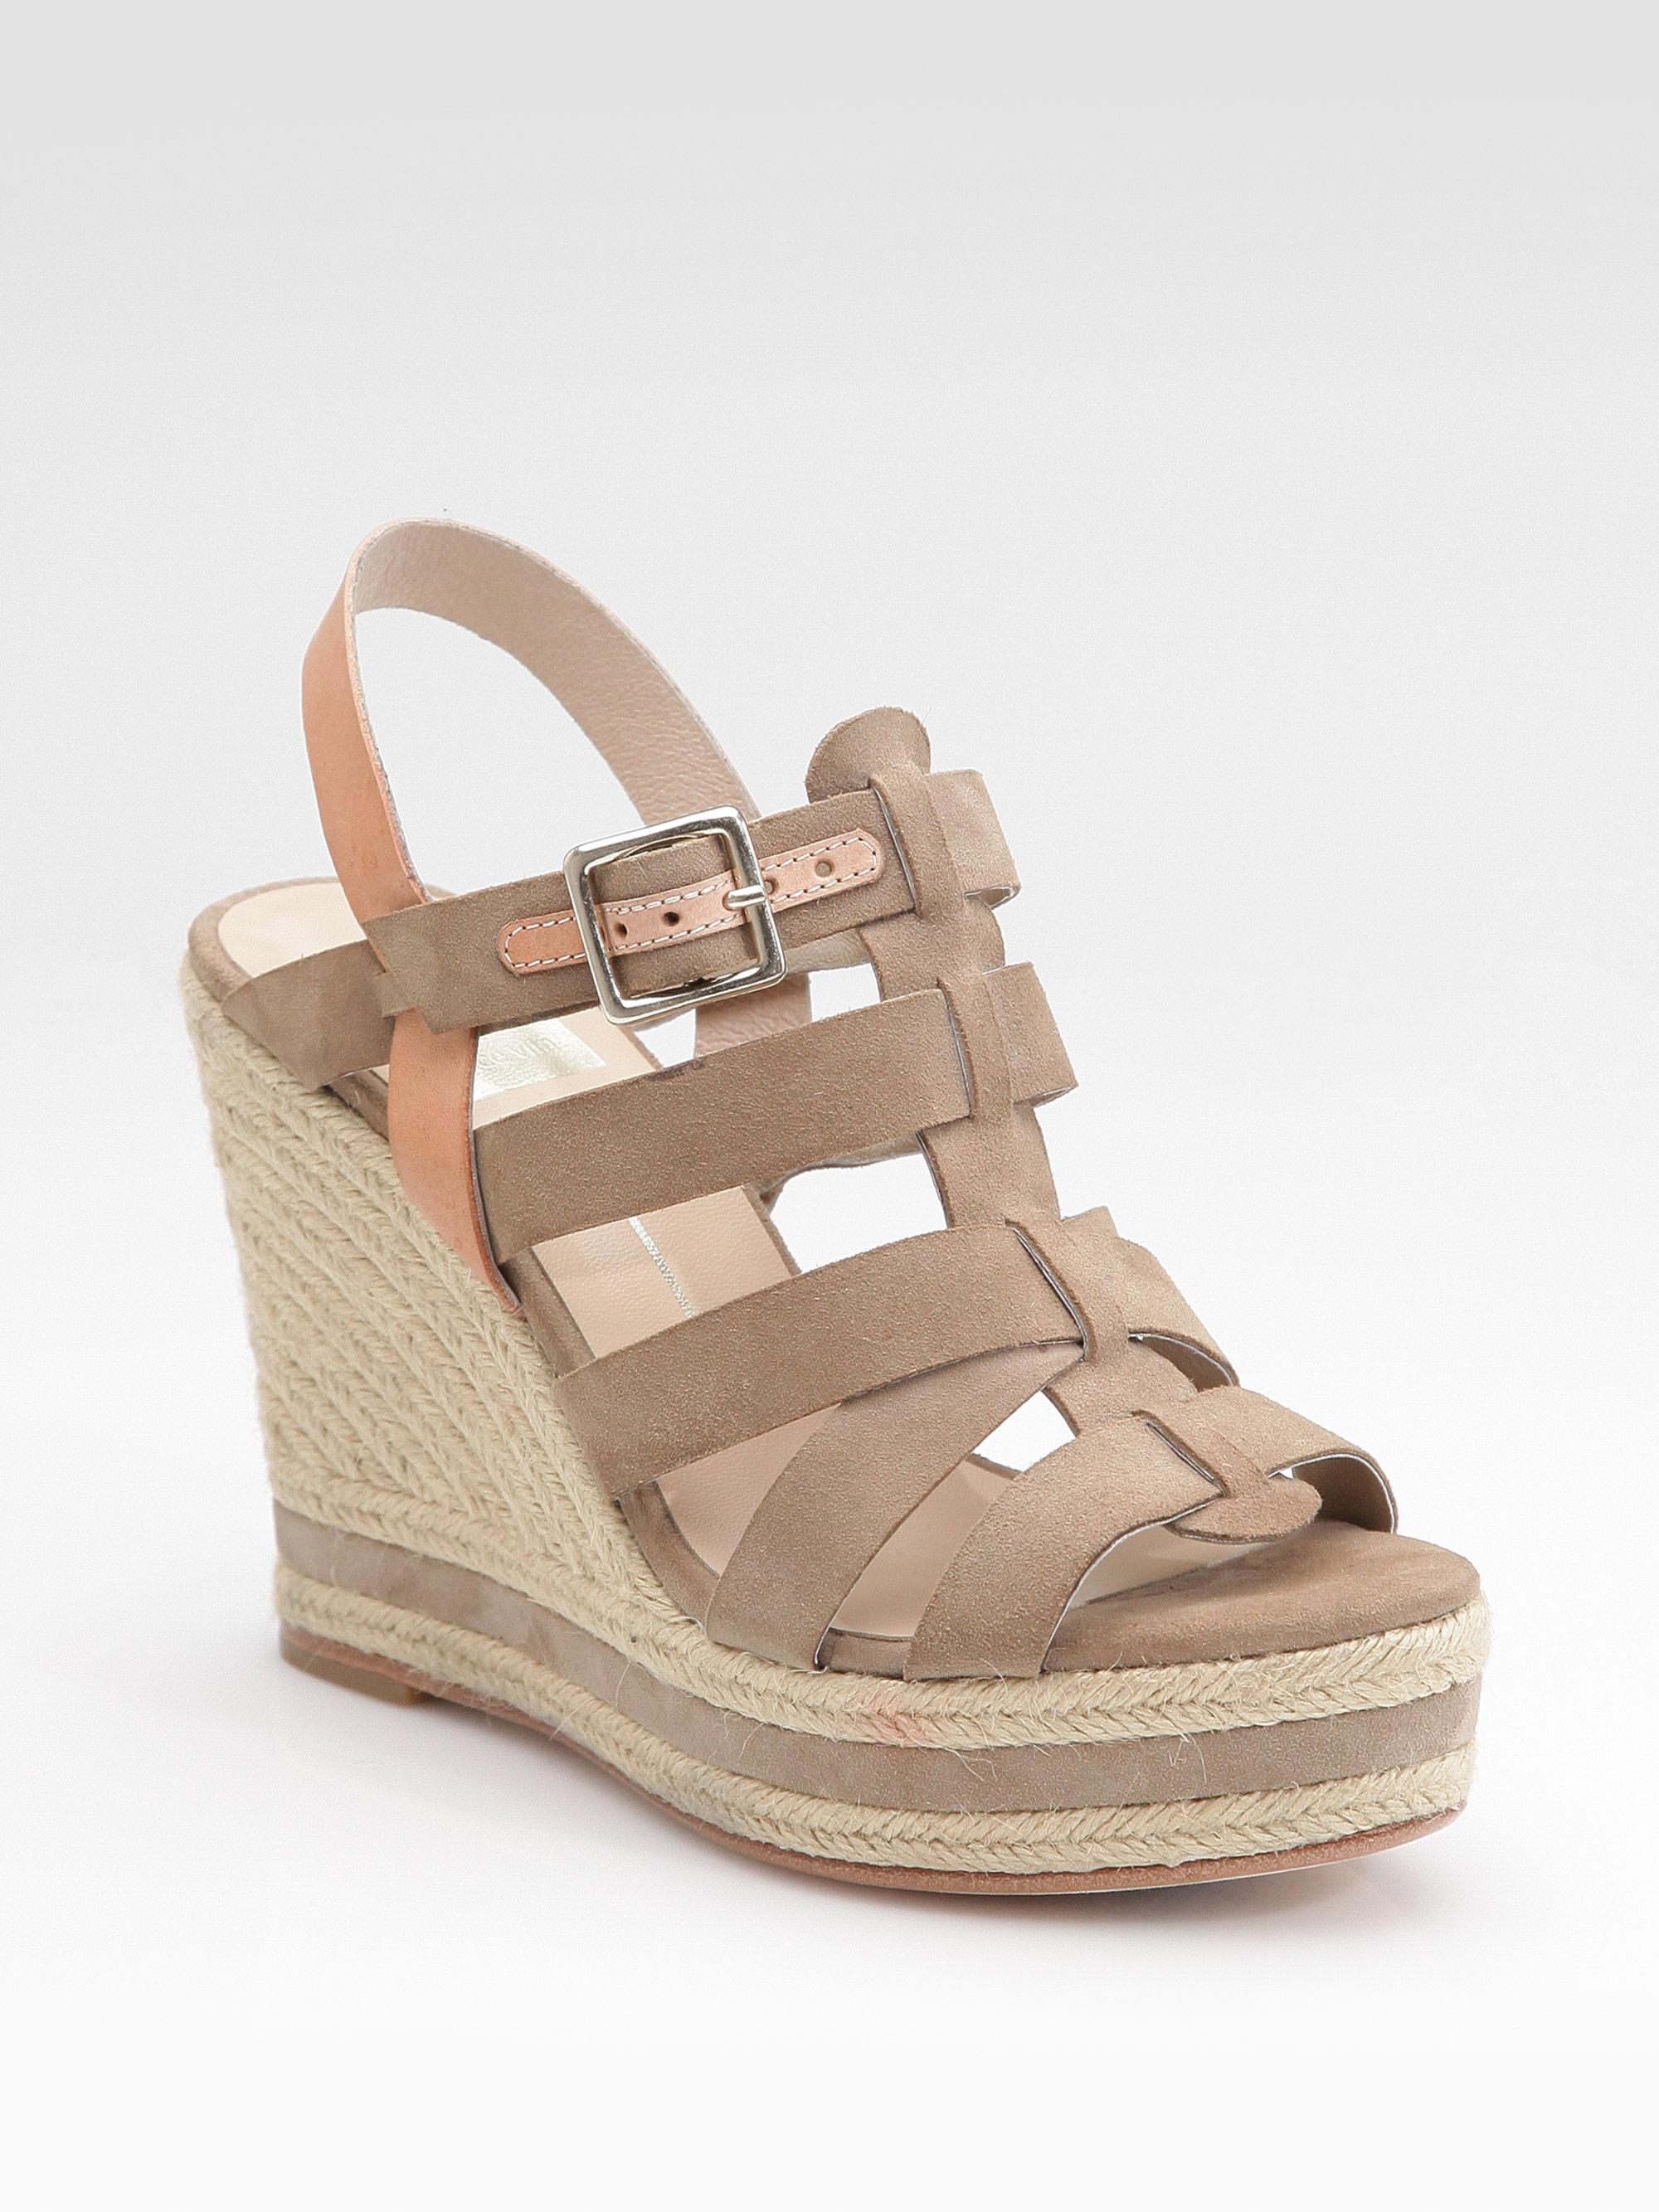 dolce vita jalen suede wedge sandals in brown lyst